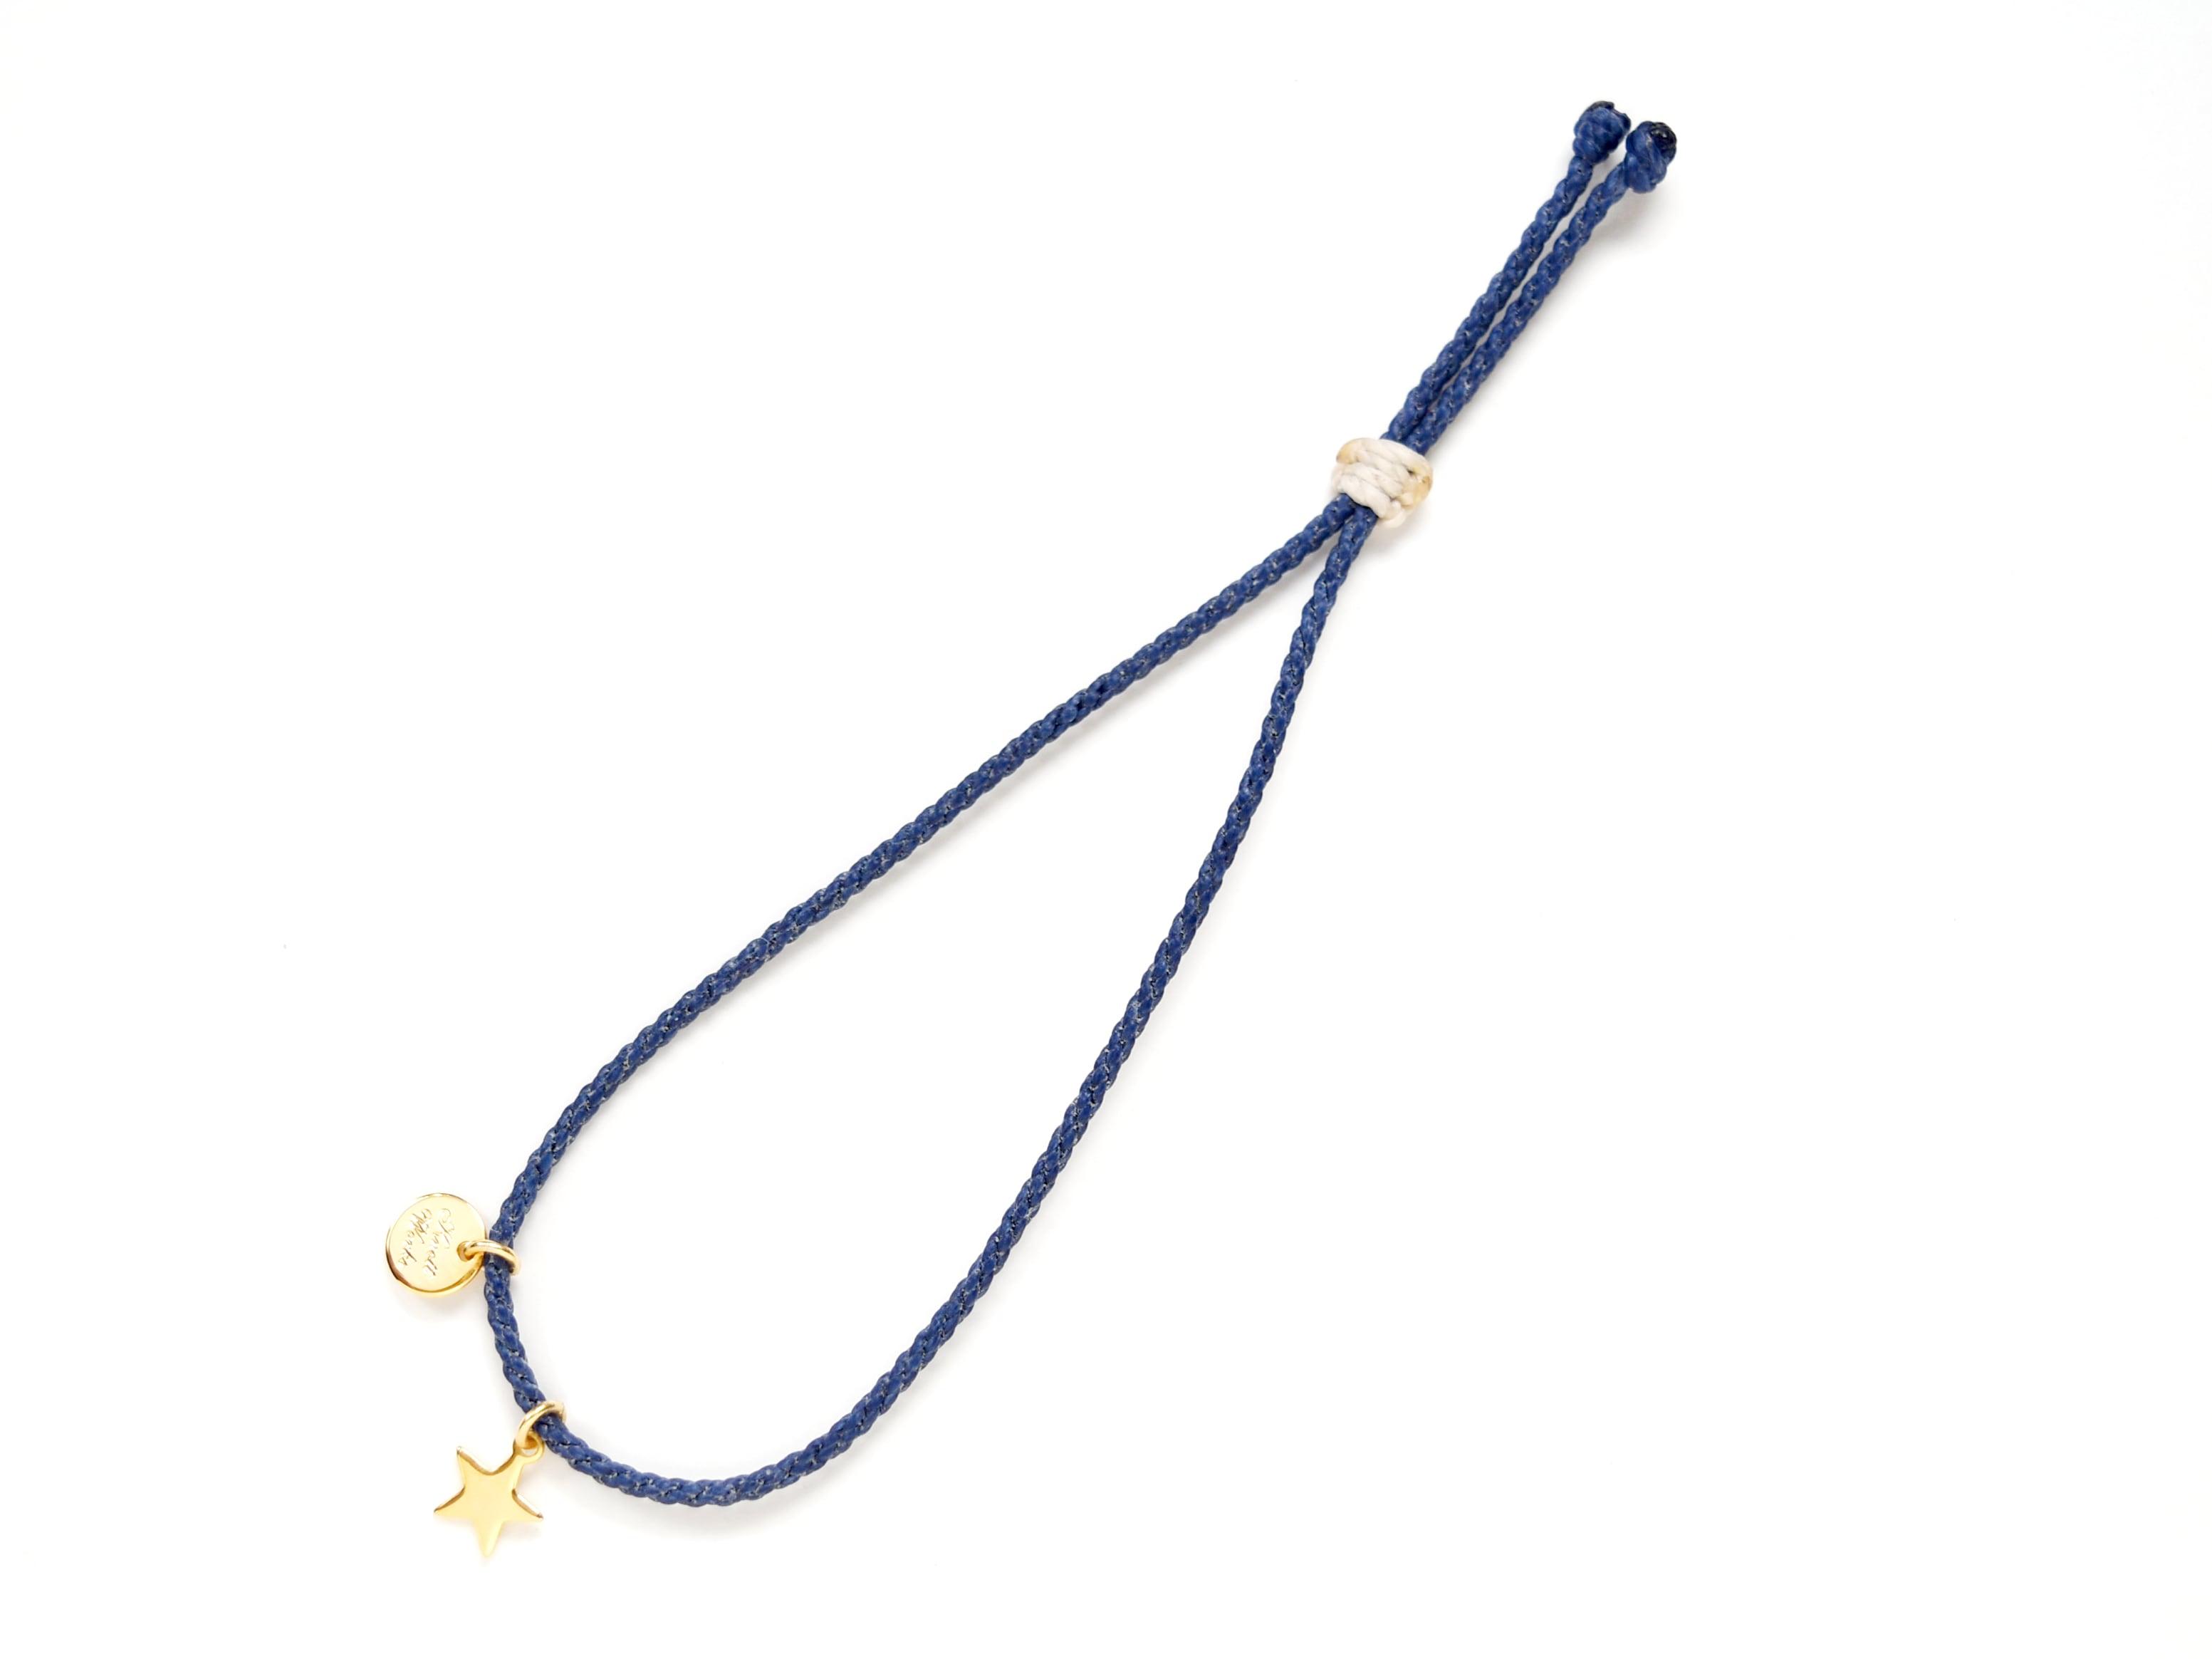 【チャームが選べる】Layered Charm Bracelet / Blue [チャームブレスレット]